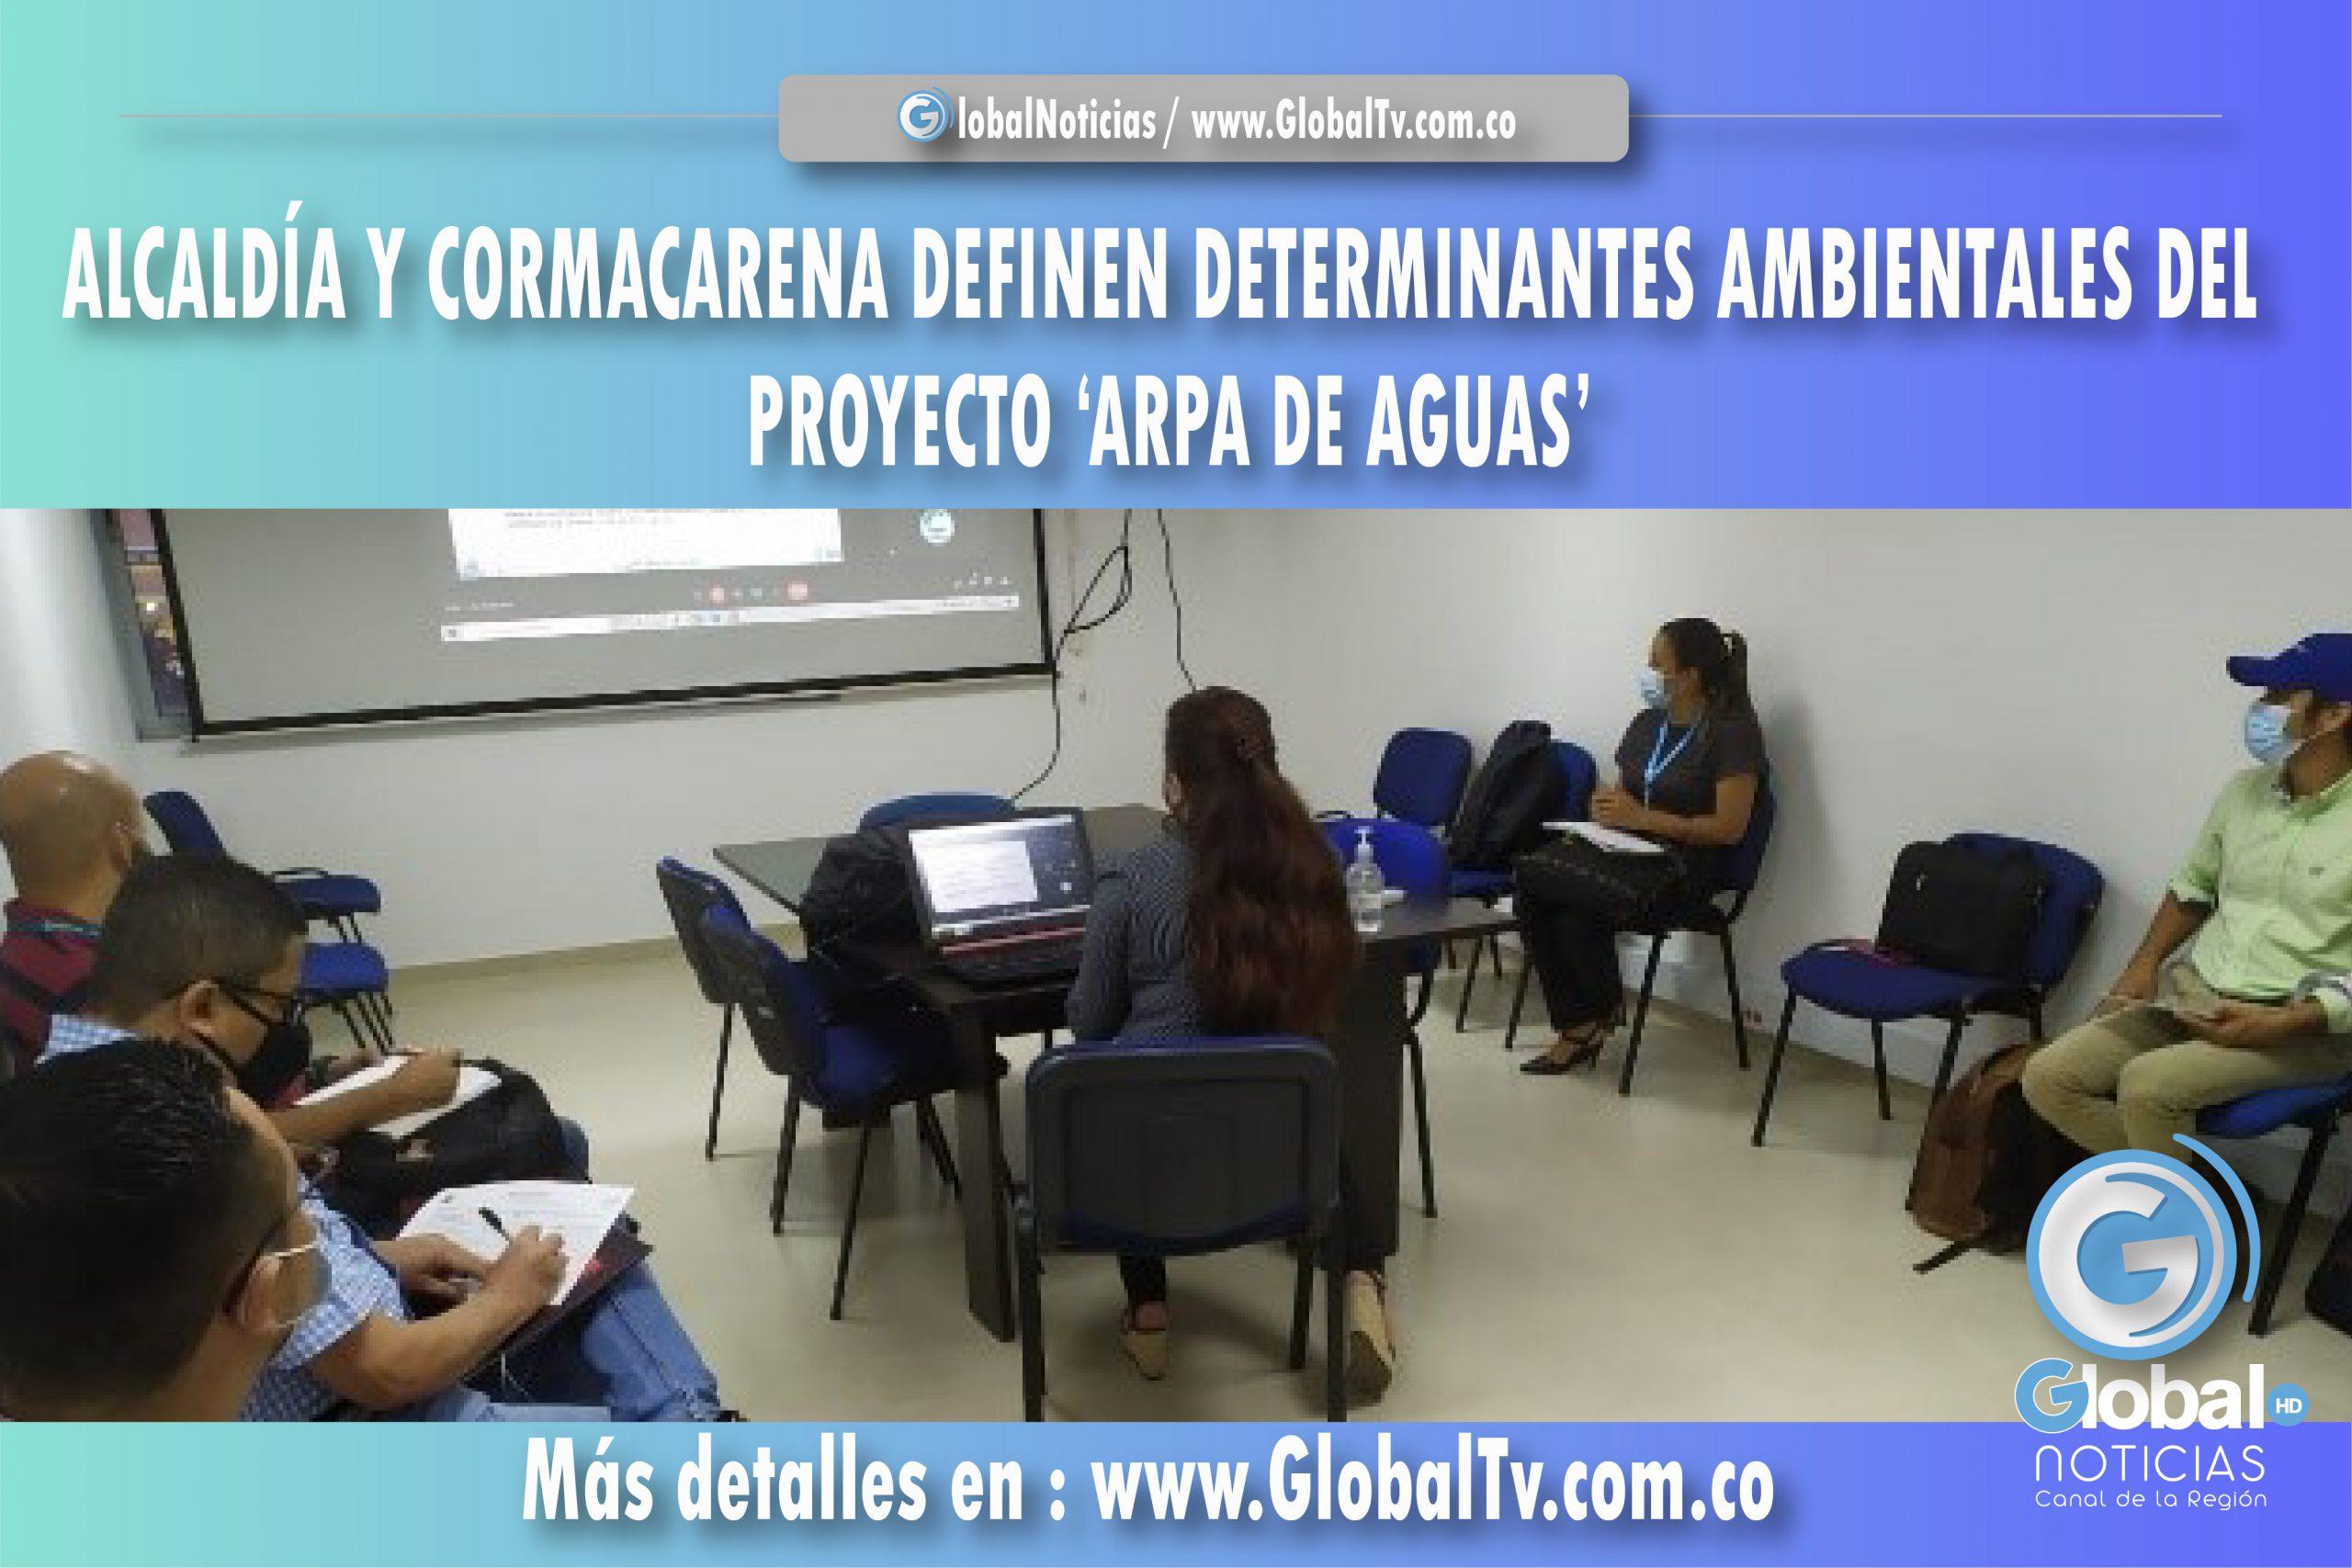 ALCALDÍA Y CORMACARENA DEFINEN DETERMINANTES AMBIENTALES DEL PROYECTO 'ARPA DE AGUAS'